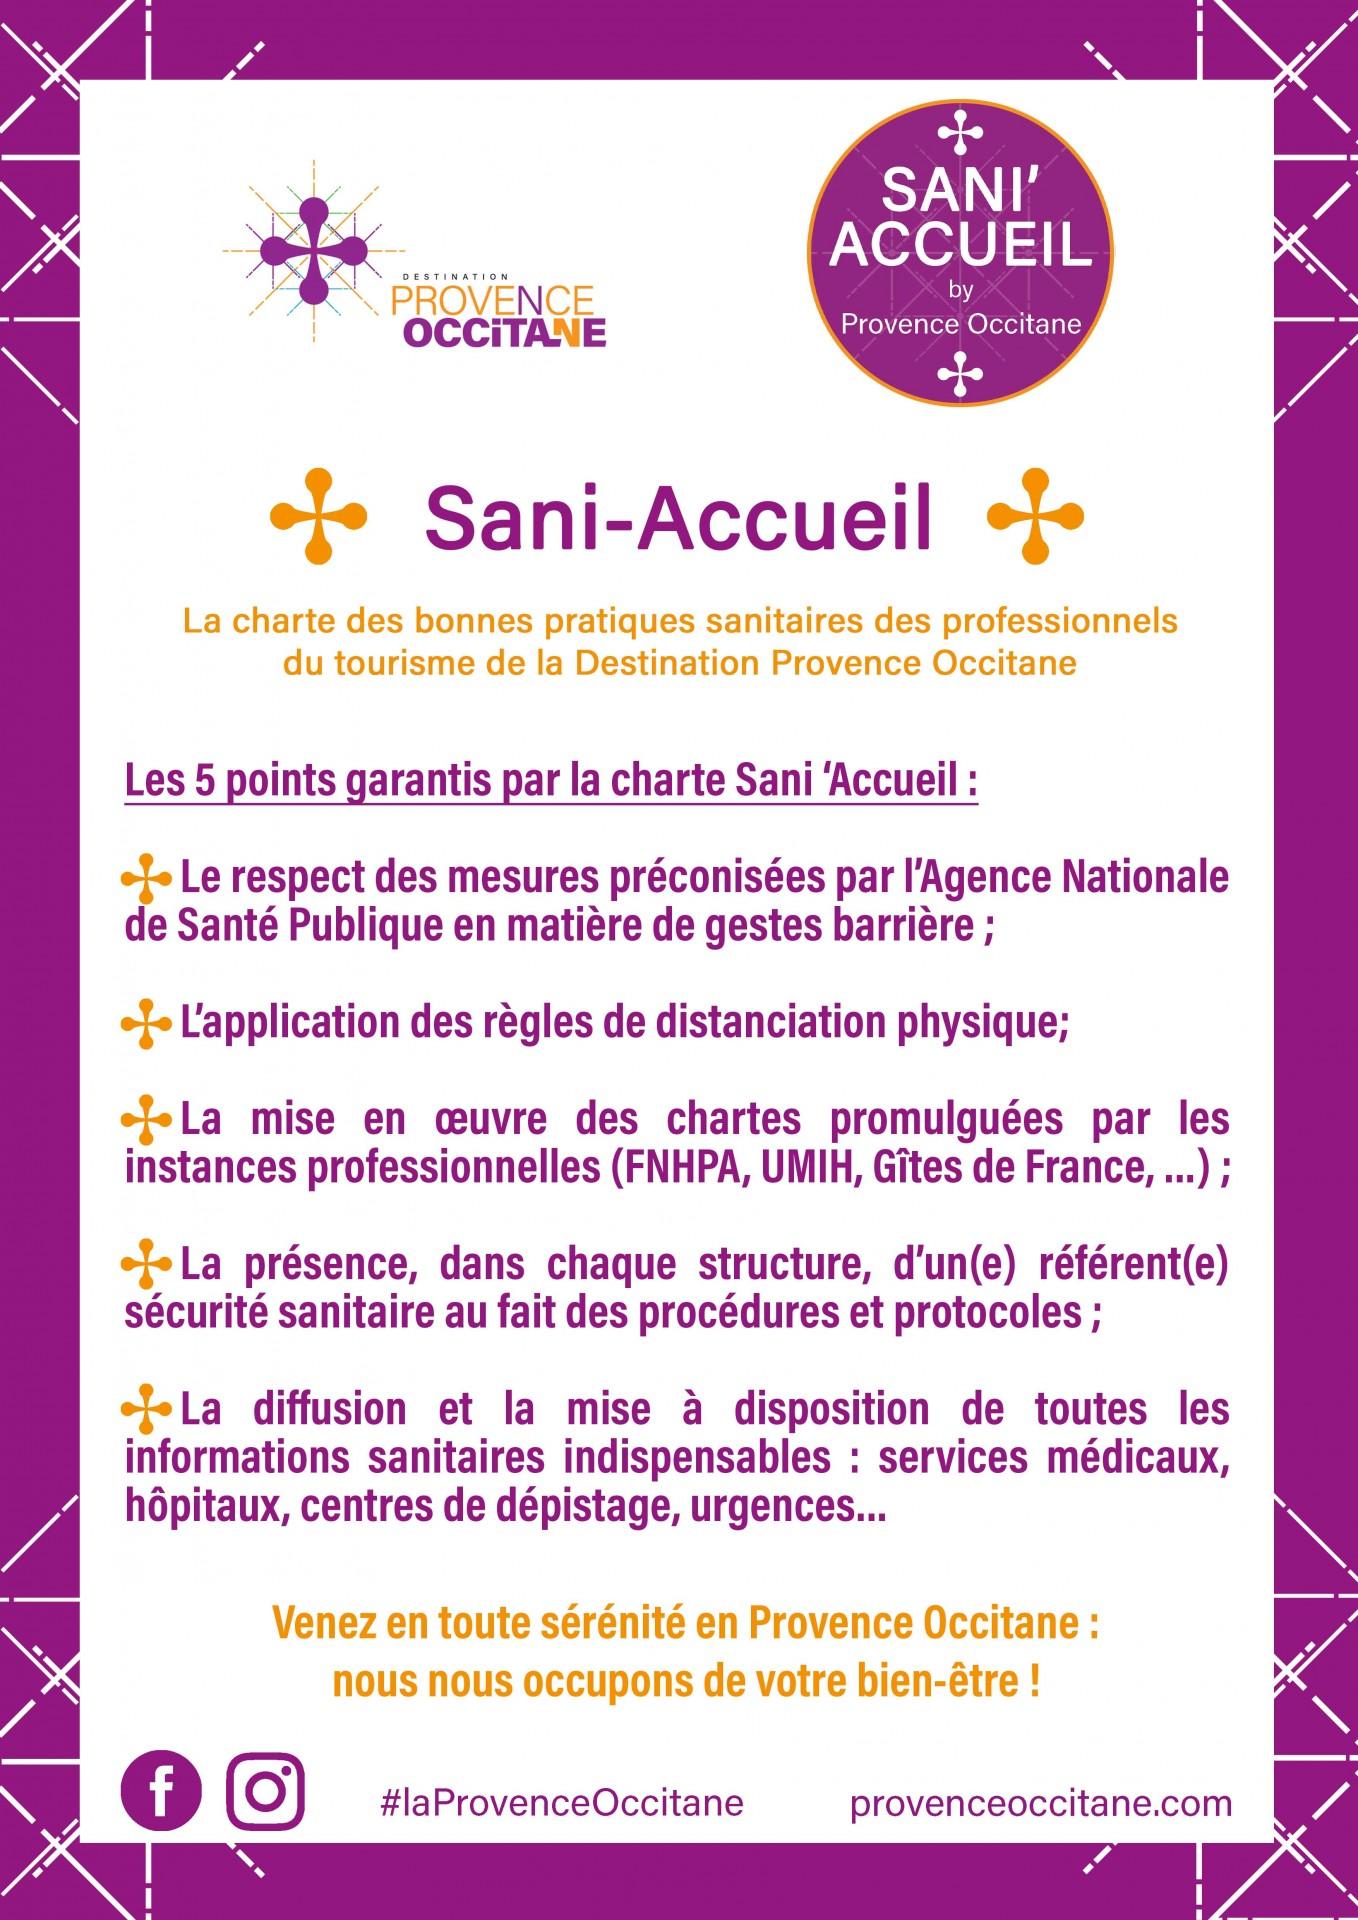 la-charte-sani-accueil-vf-9881